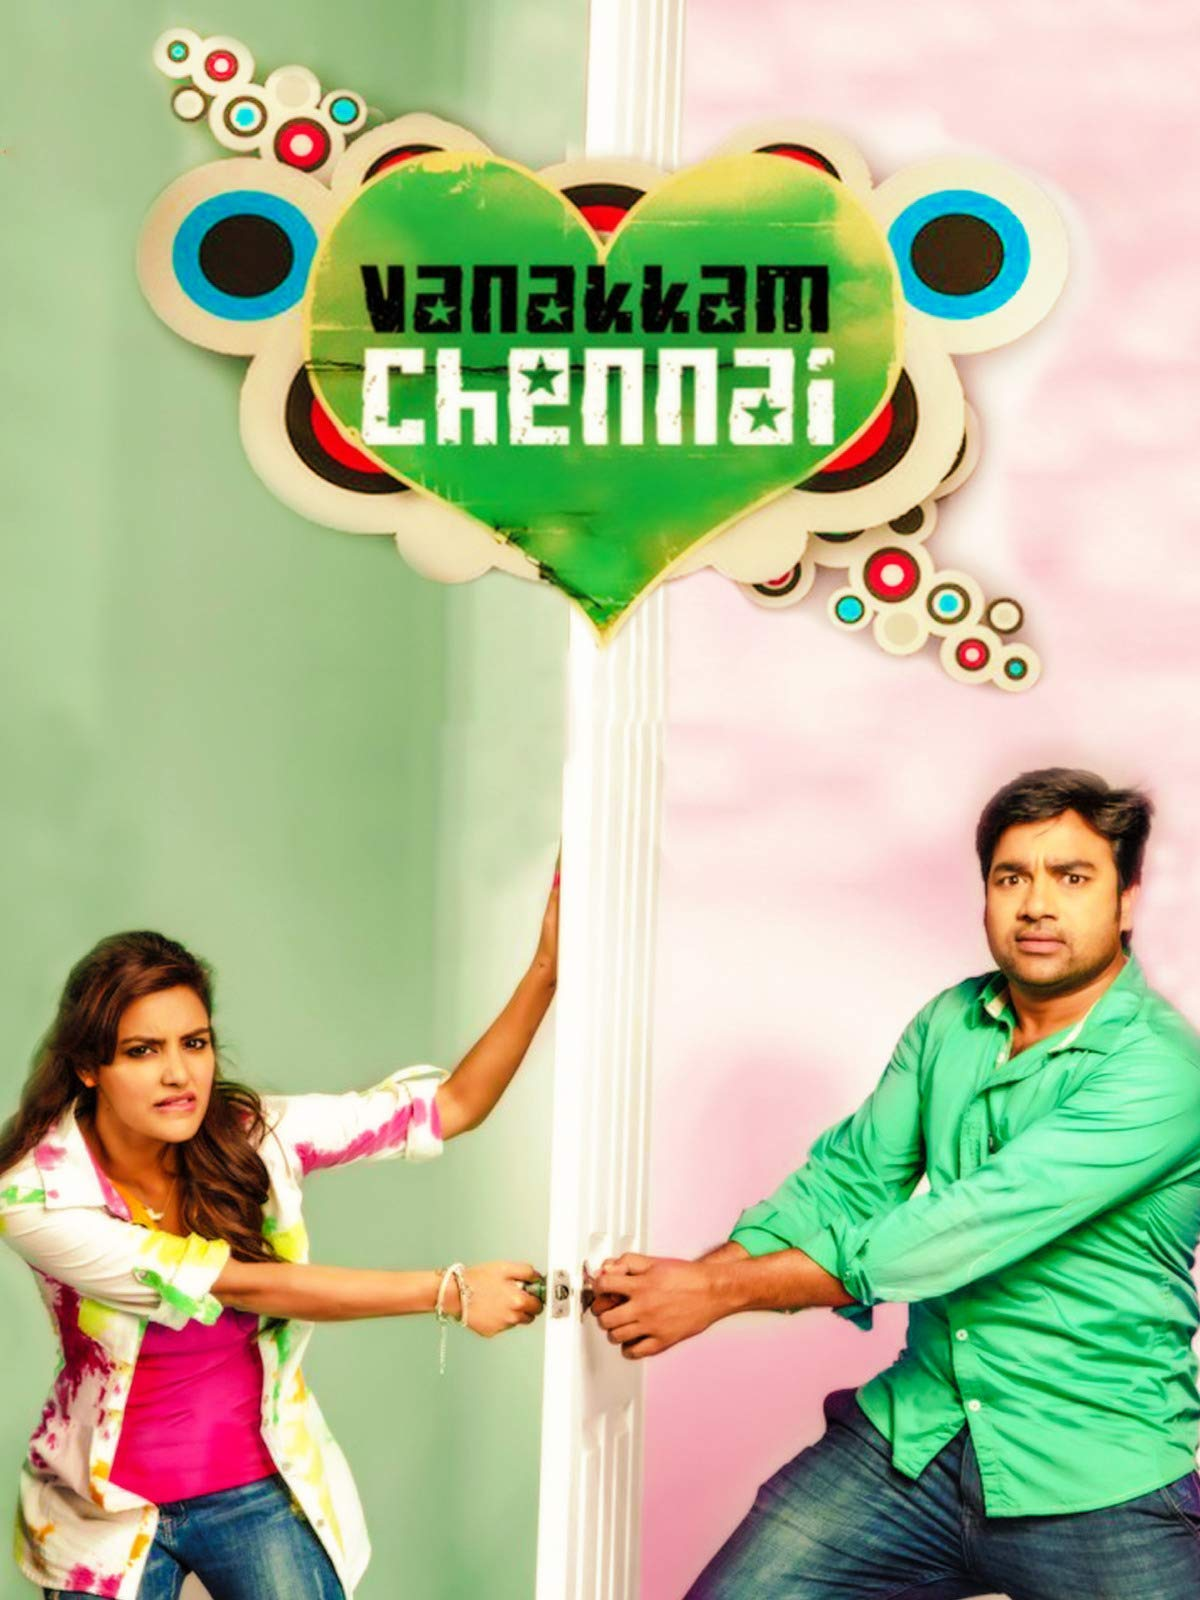 Vanakkam Chennai